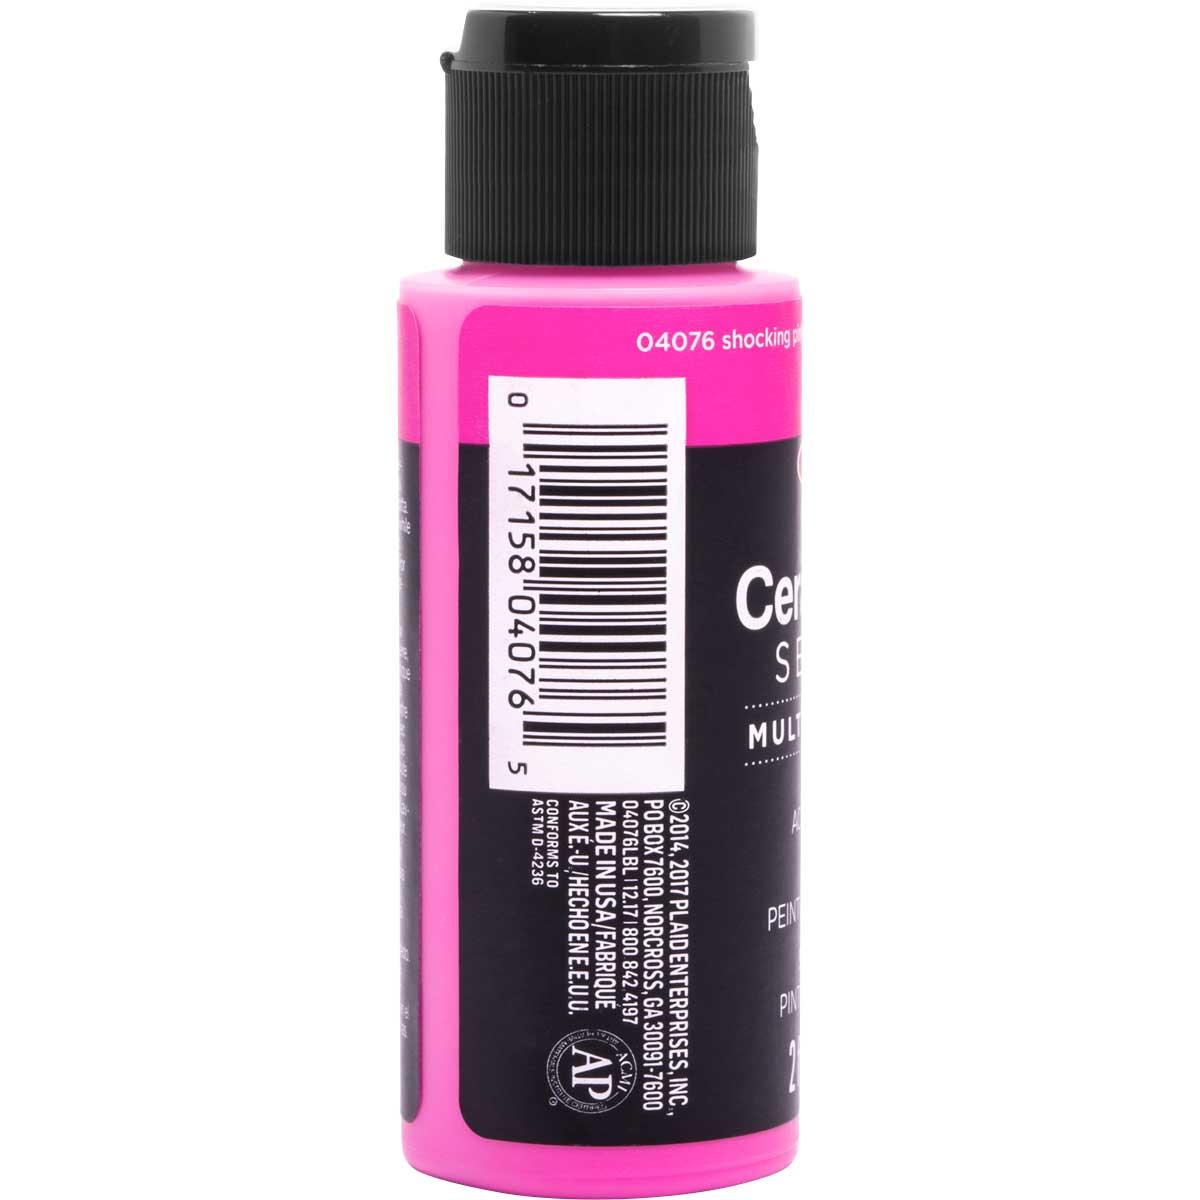 Delta Ceramcoat ® Select Multi-Surface Acrylic Paint - Satin - Shocking Pink, 2 oz. - 04076